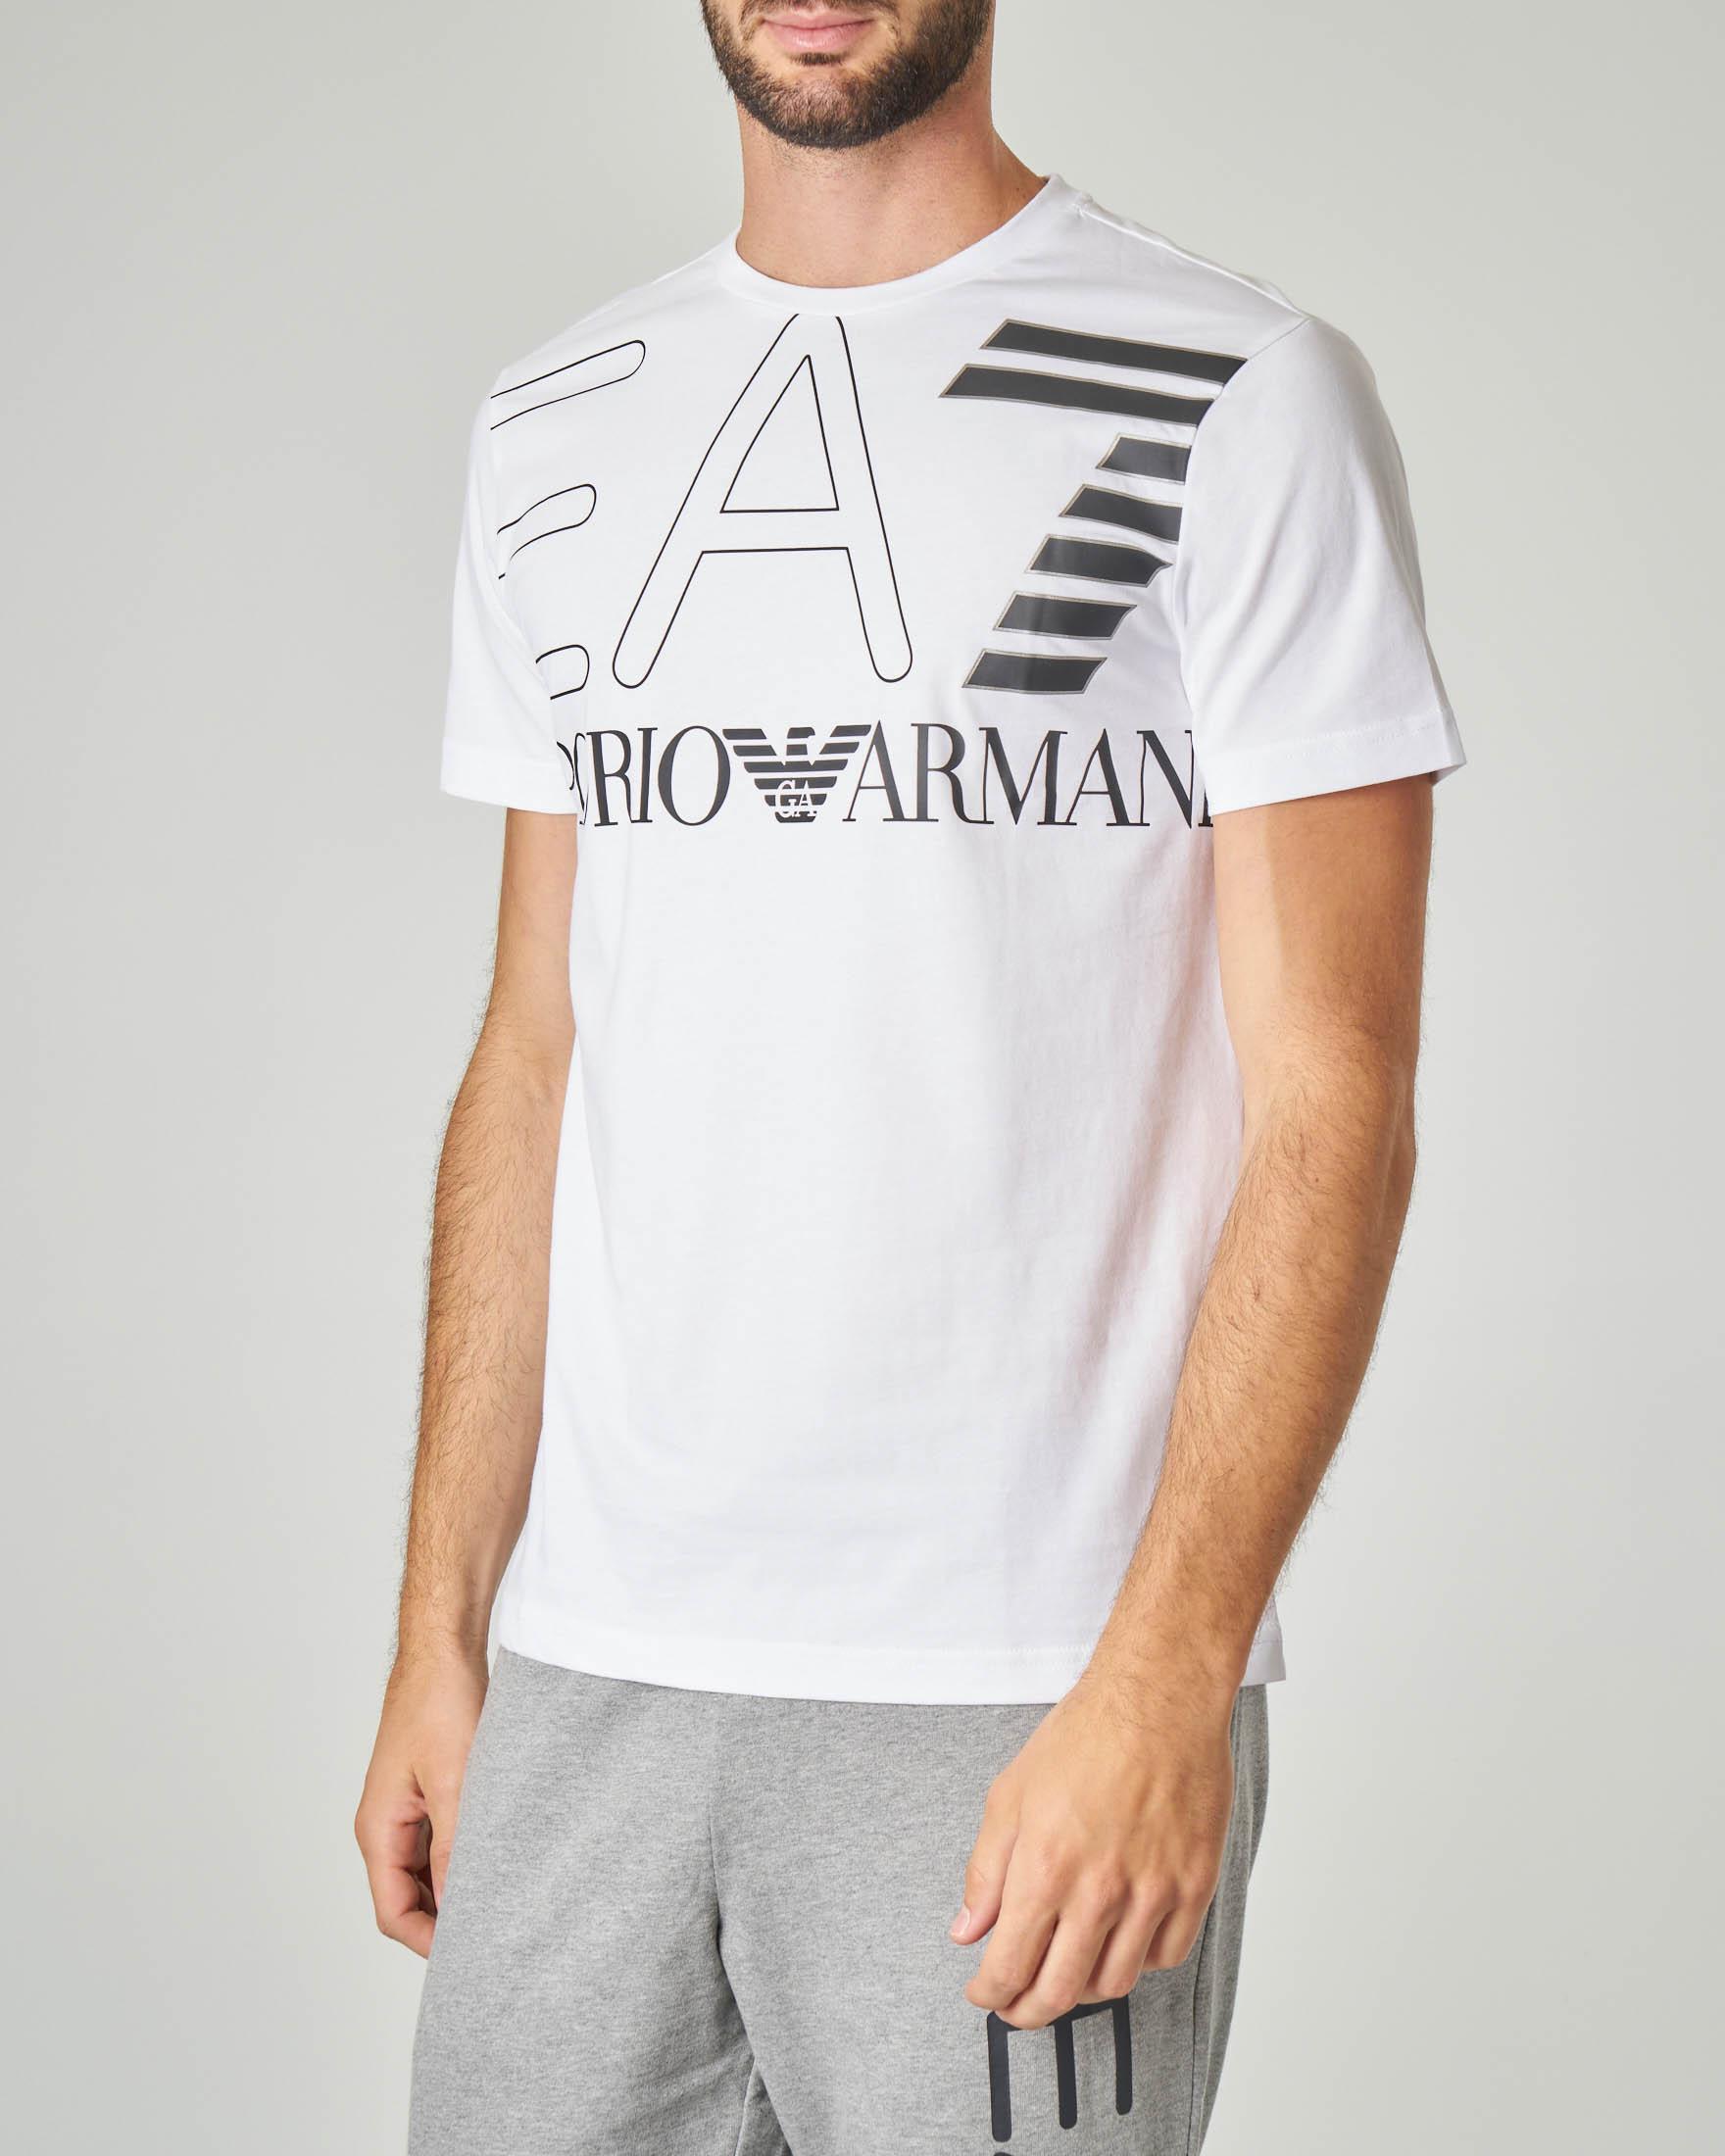 T-shirt bianca con logo EA7 grande su petto e spalle